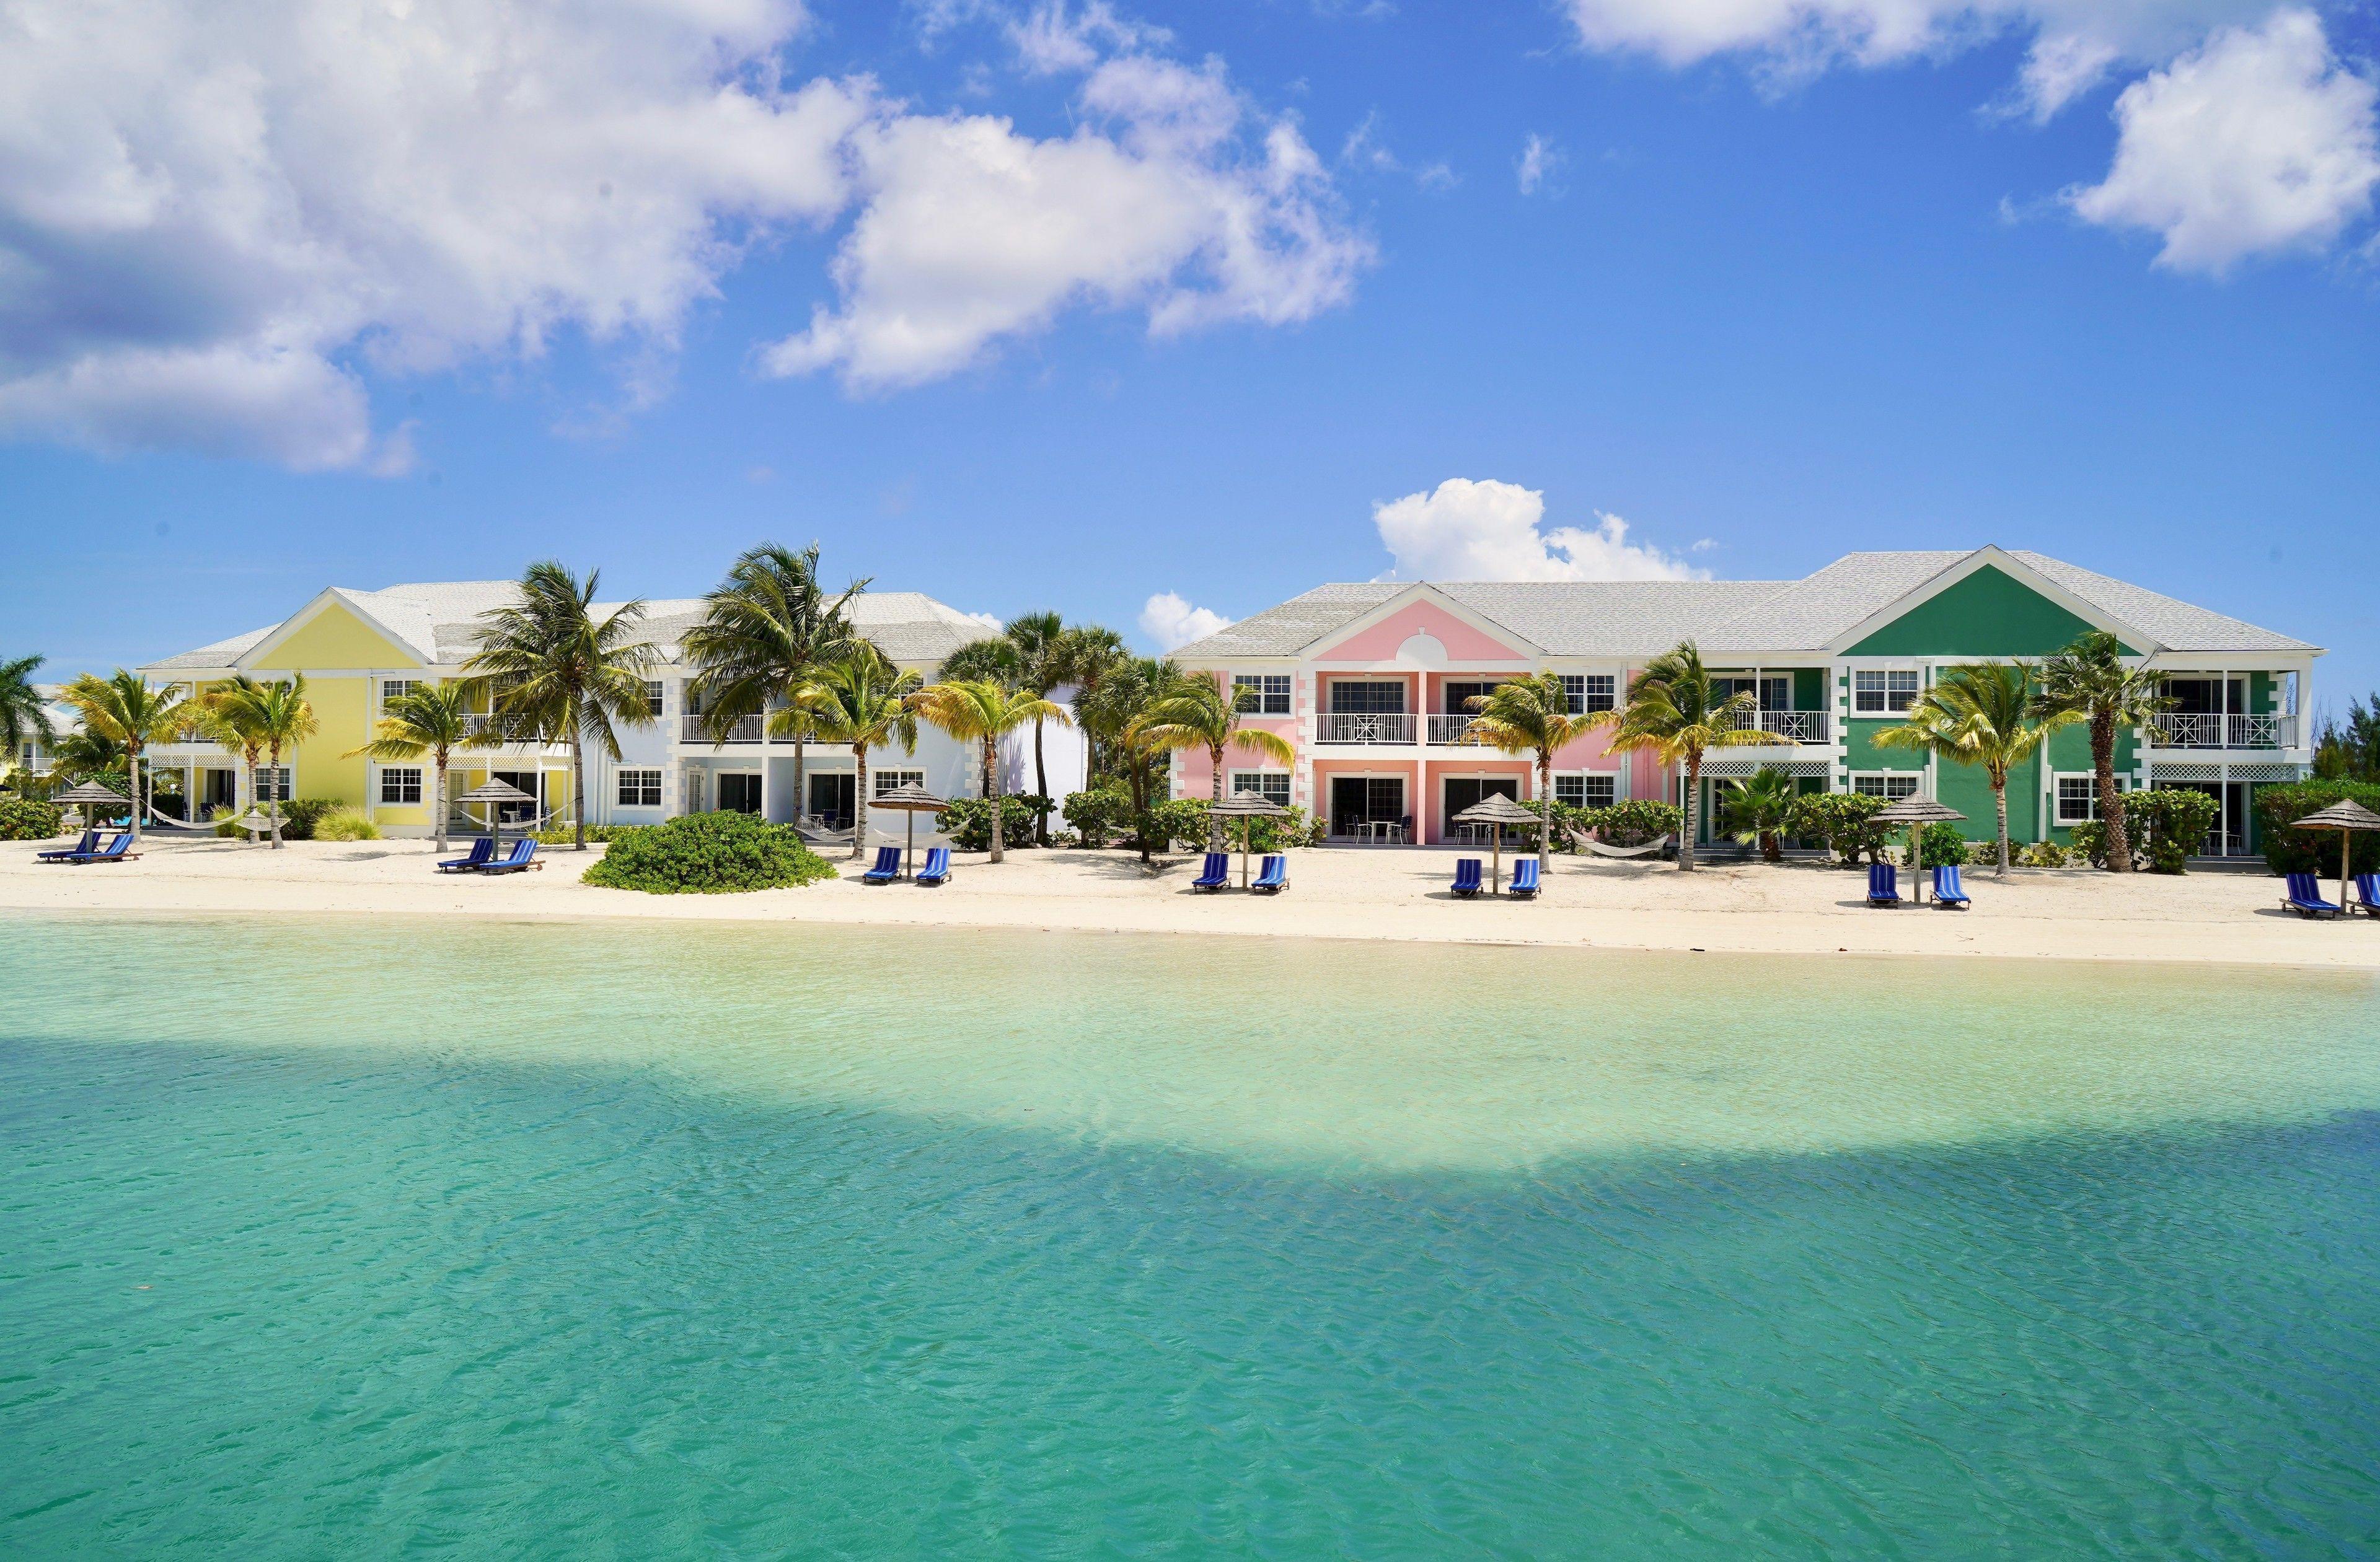 Courtesy of Sandyport Beach Resort / Expedia.com